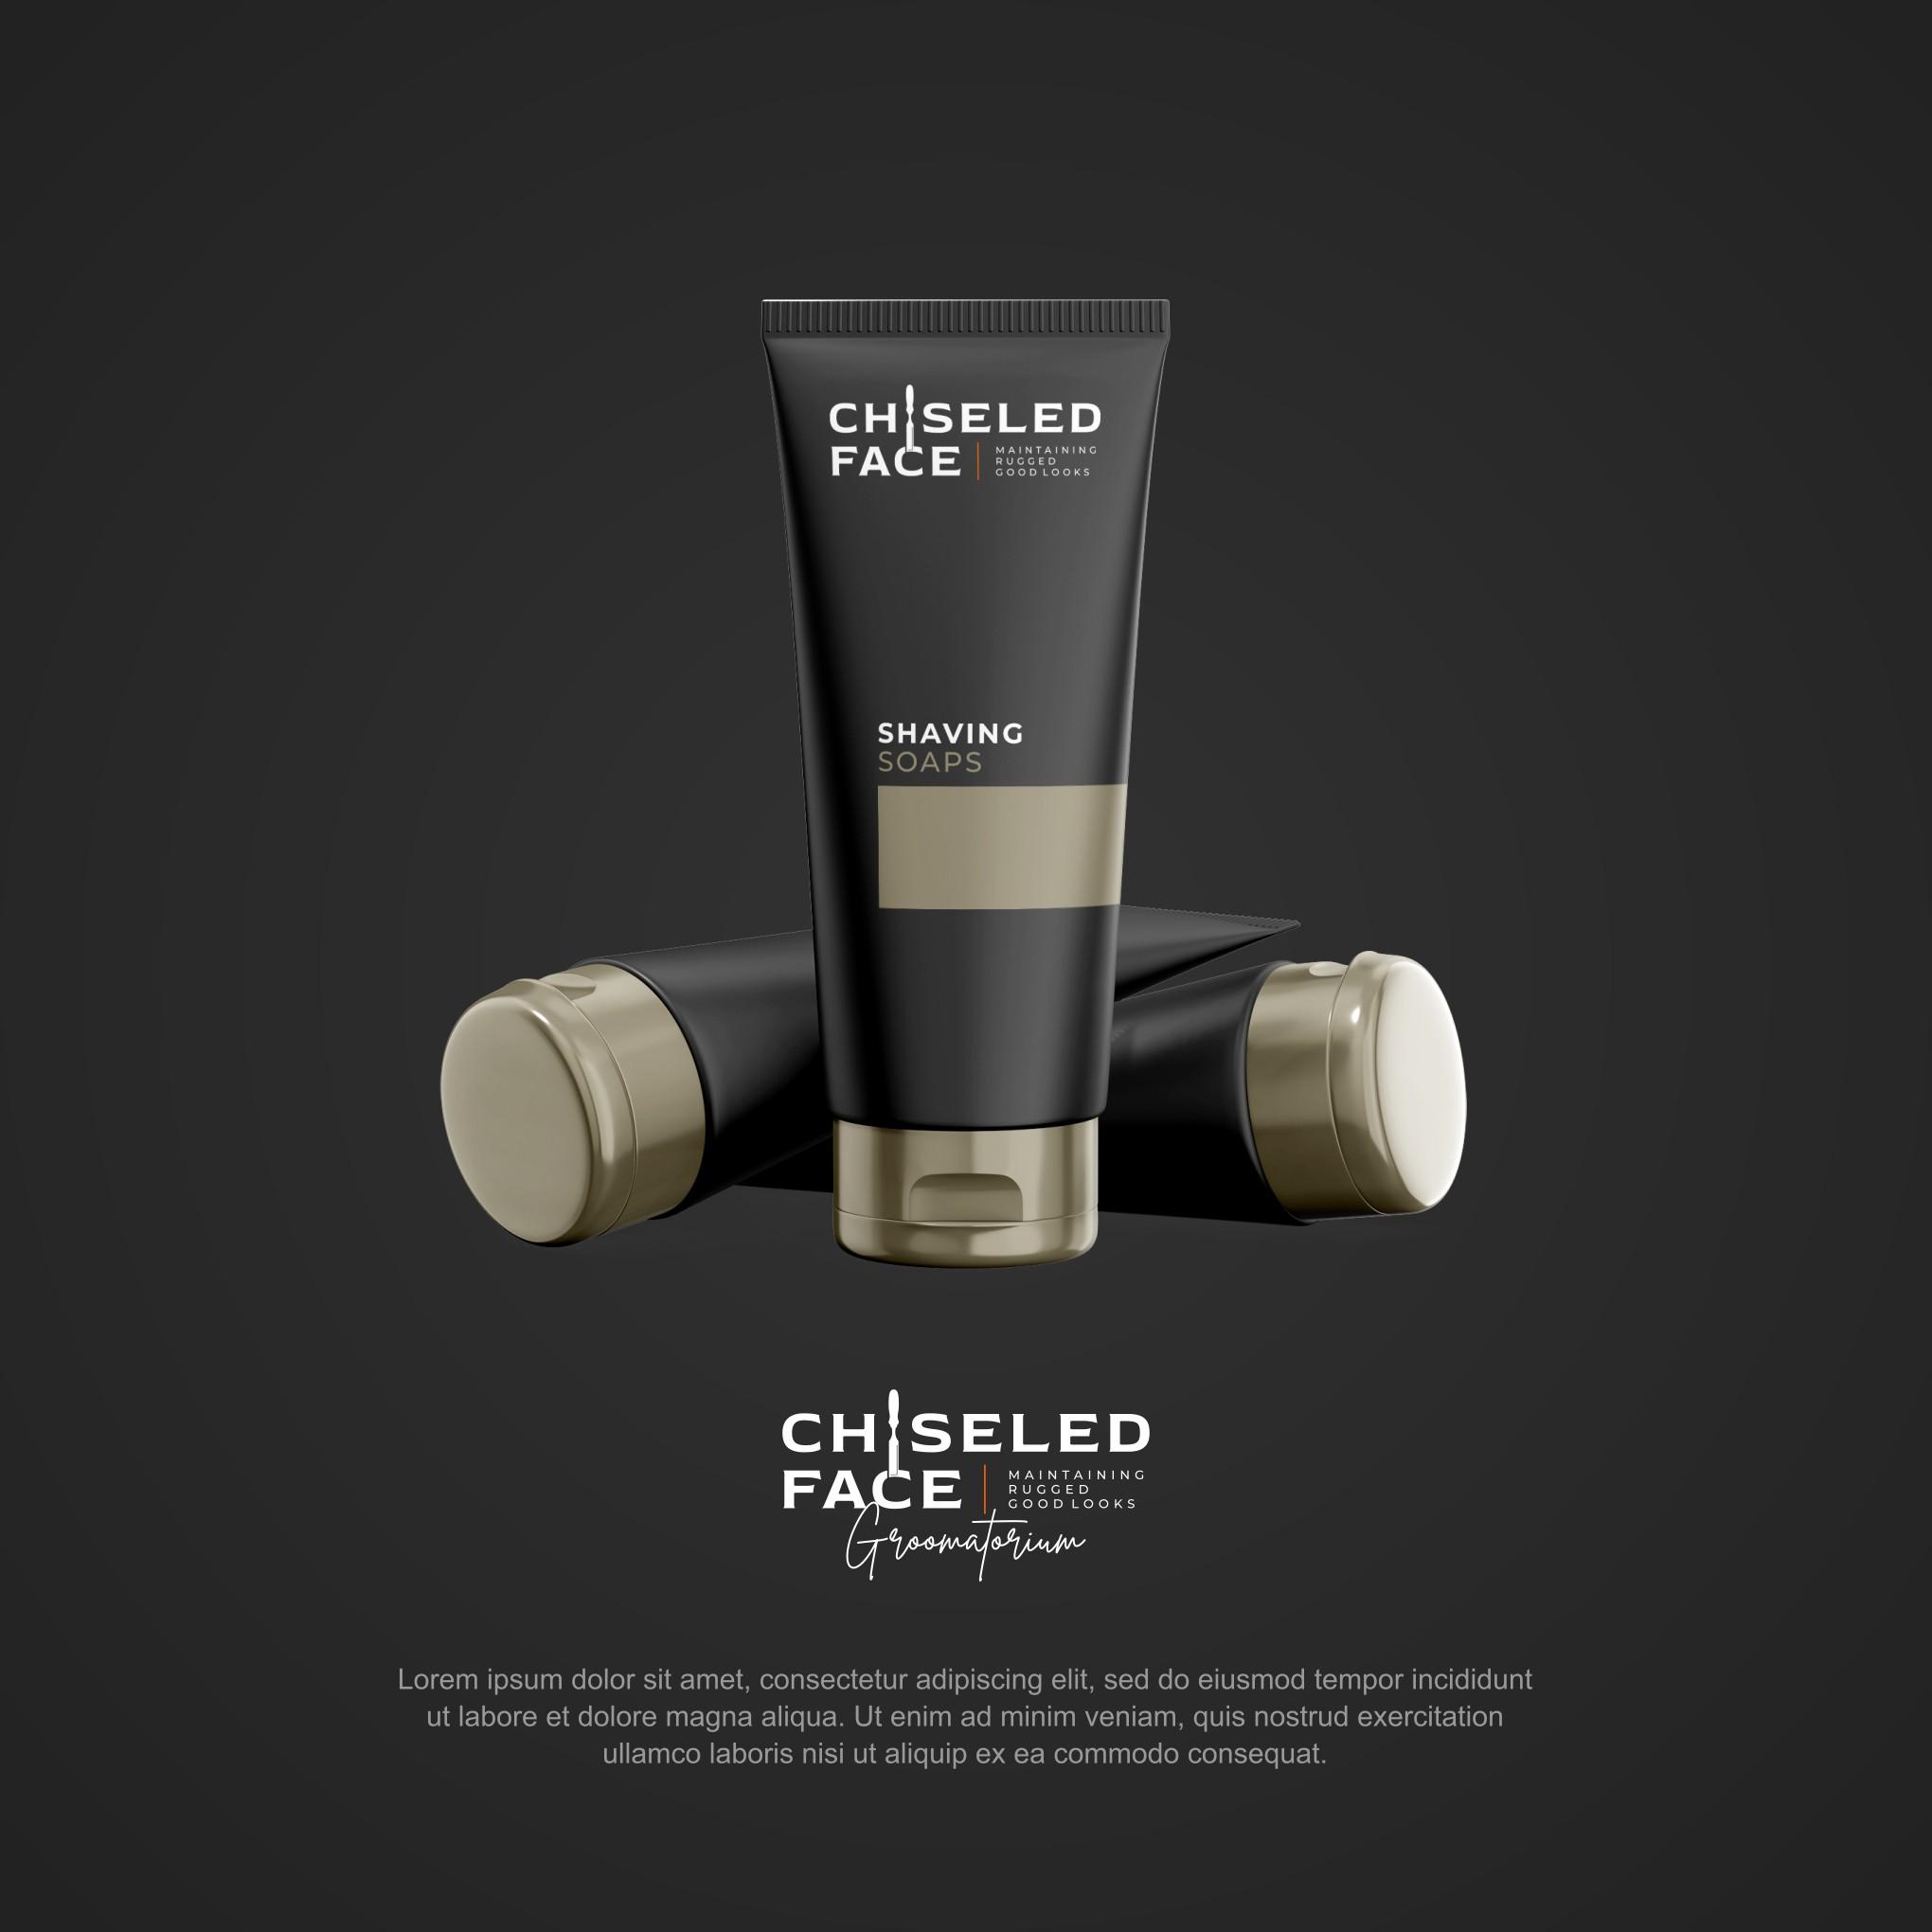 New logo needed for established Men's Grooming Brand